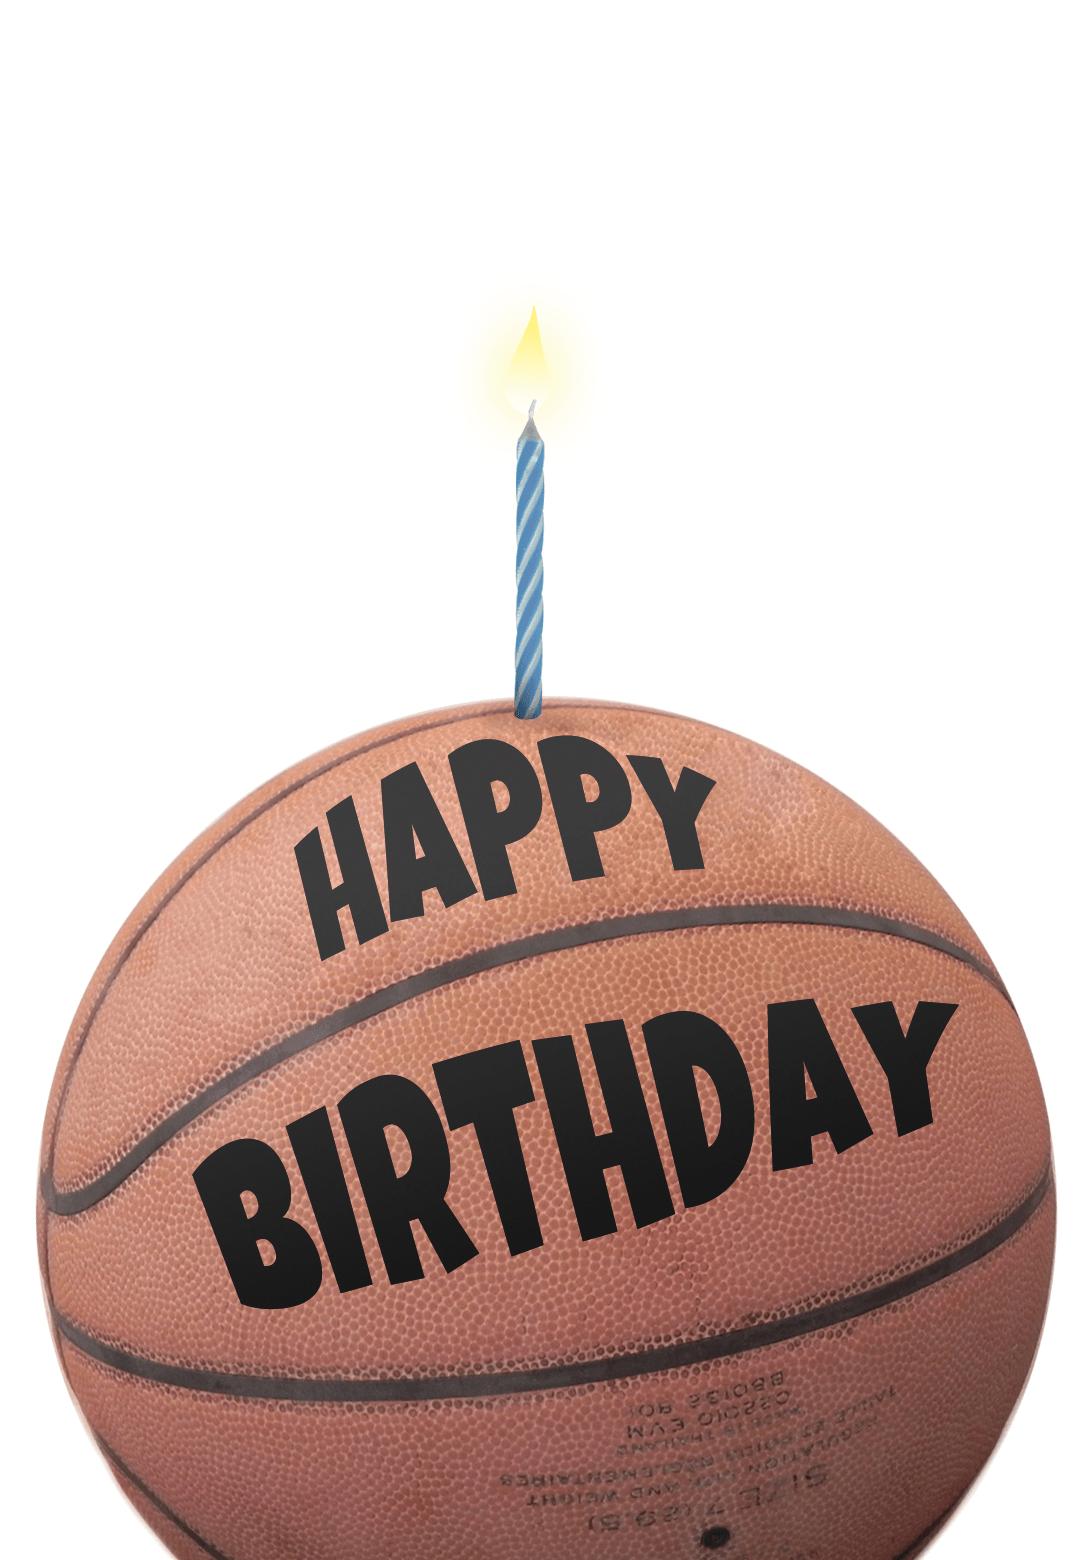 Free Printable Birthday Card - Basketball | Greetings Island - Free Printable Basketball Cards